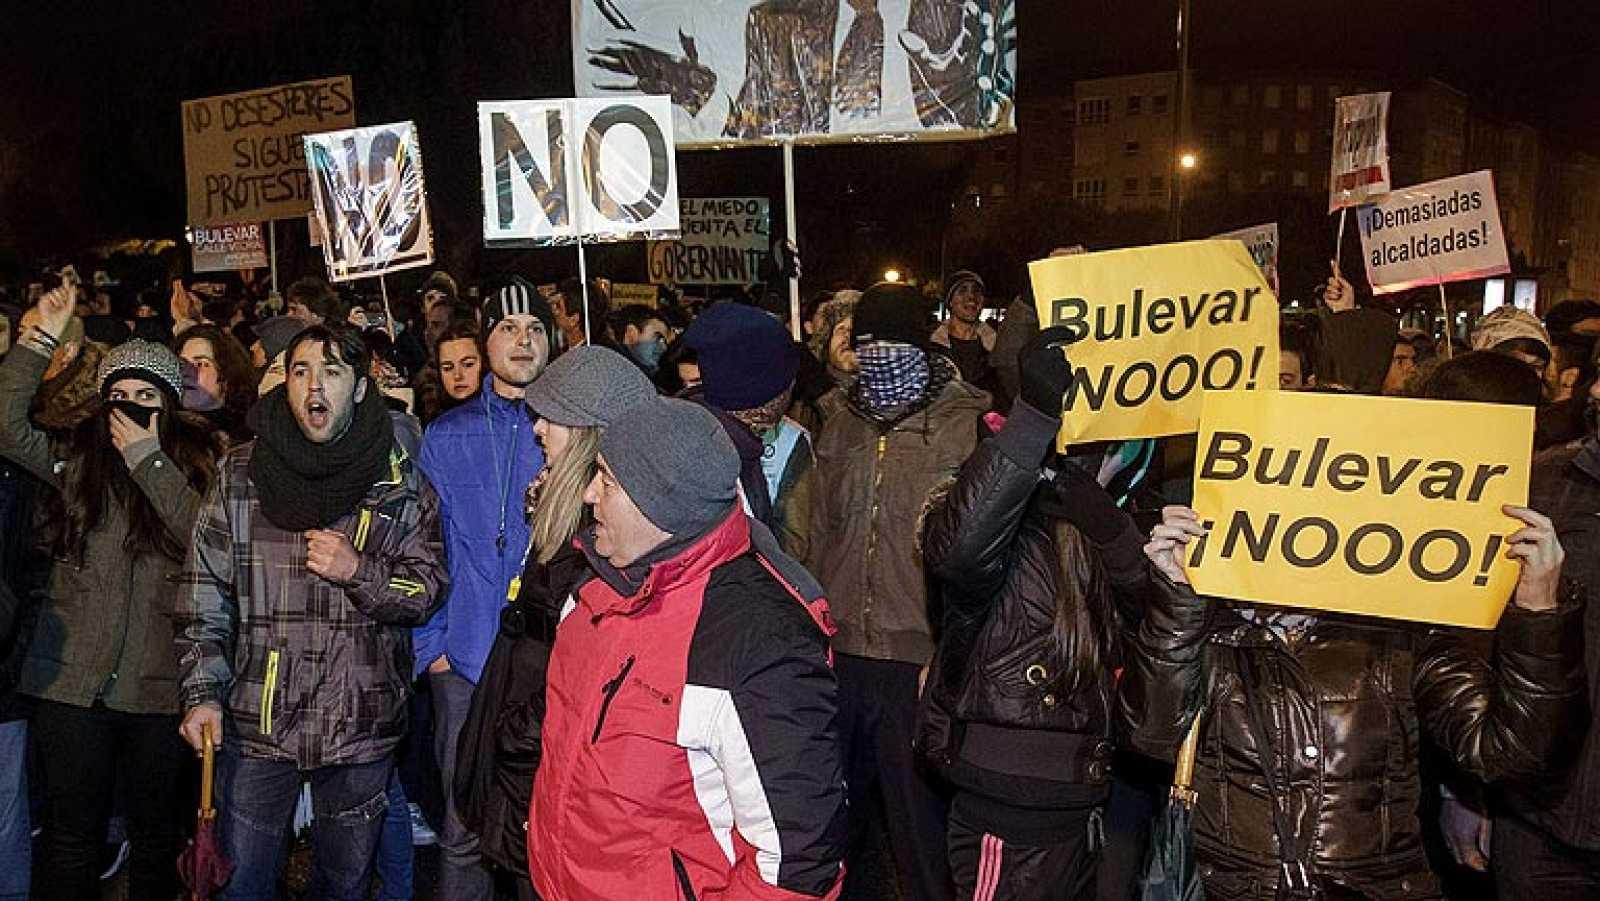 El alcalde de Burgos paraliza las obras de Gamonal por las protestas y buscará el diálogo